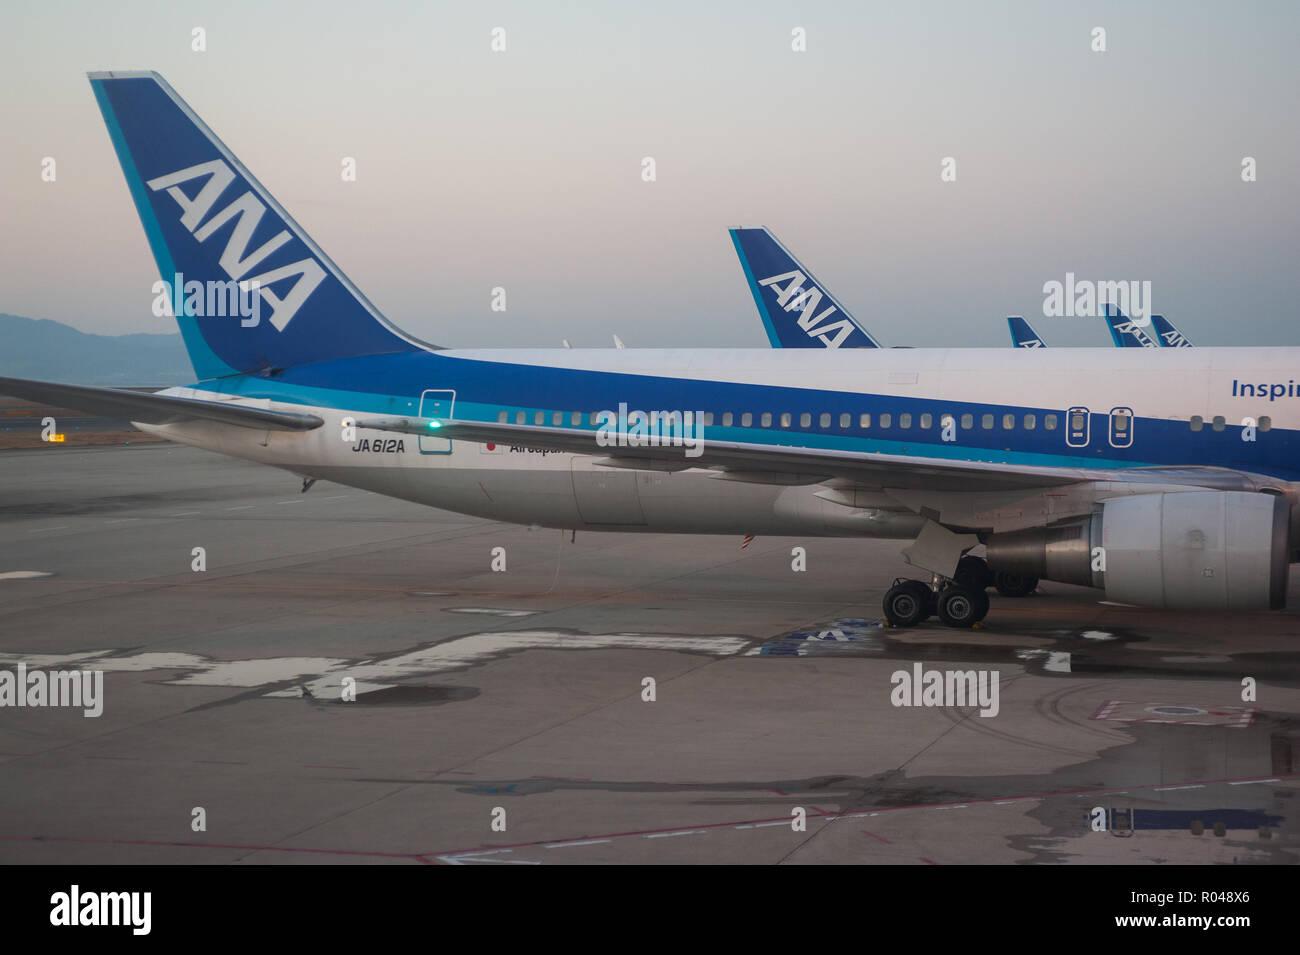 Osaka, Japan, ANA passenger aircraft at Kansai airport - Stock Image